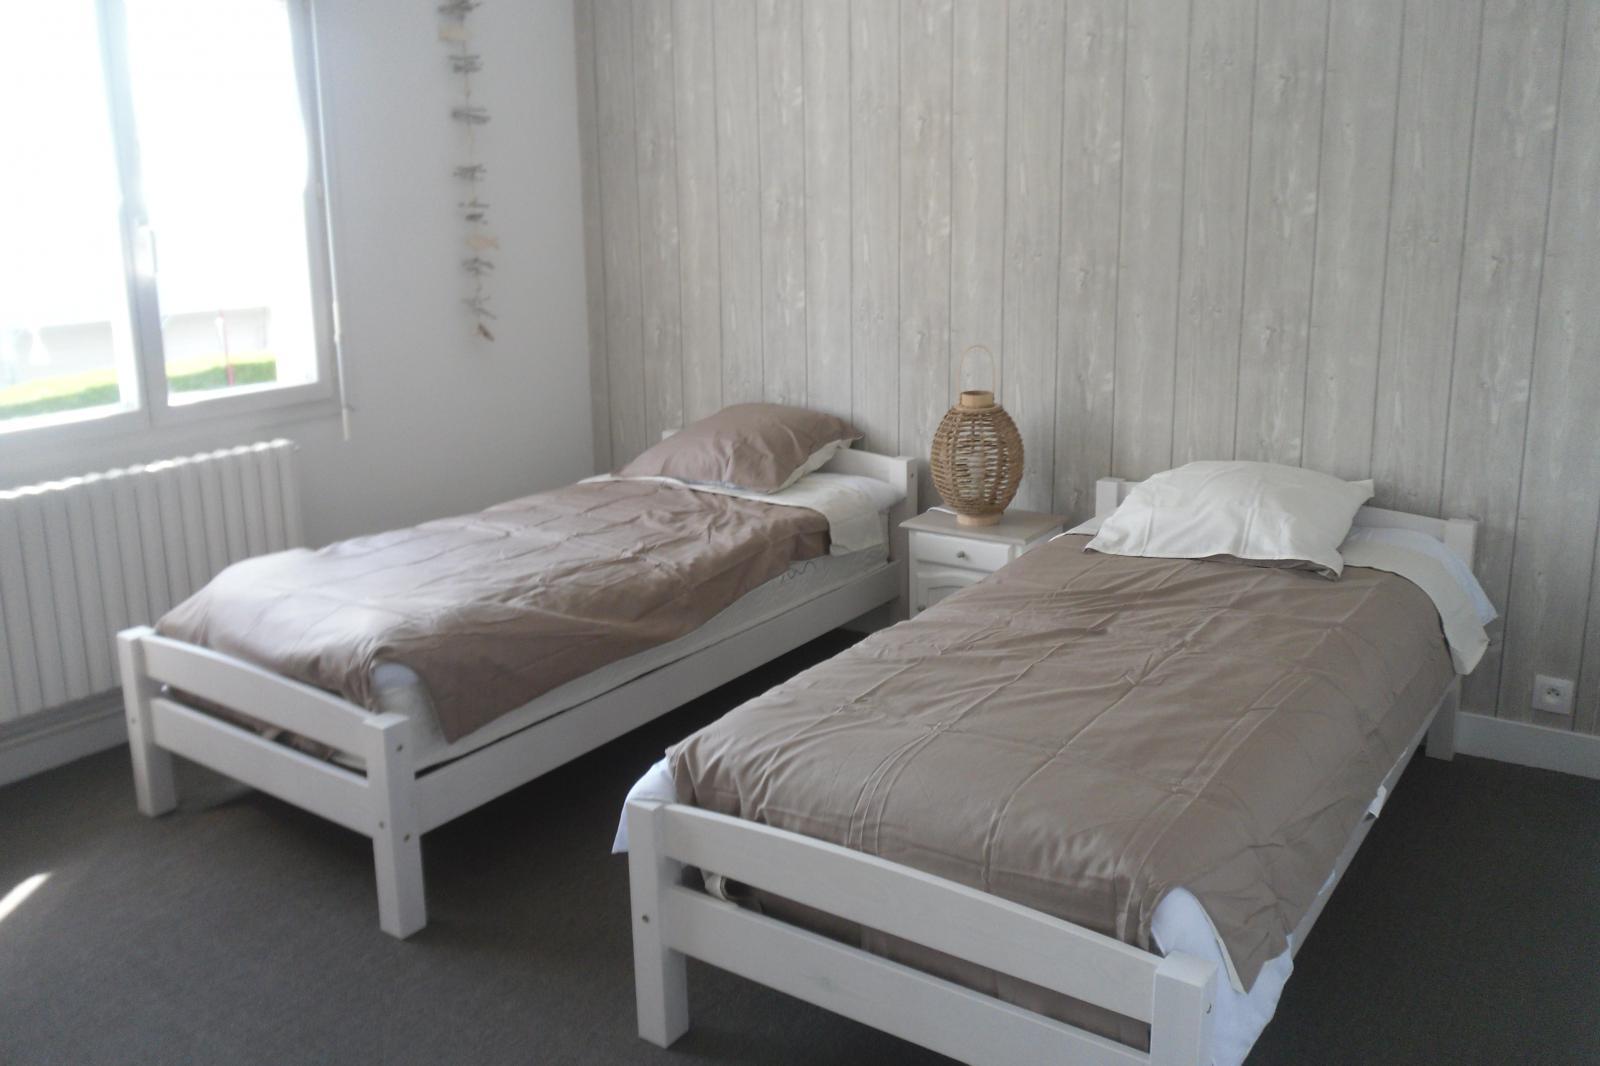 Image n°10 du gîte de mer : Chambre avec 2 lits de 90